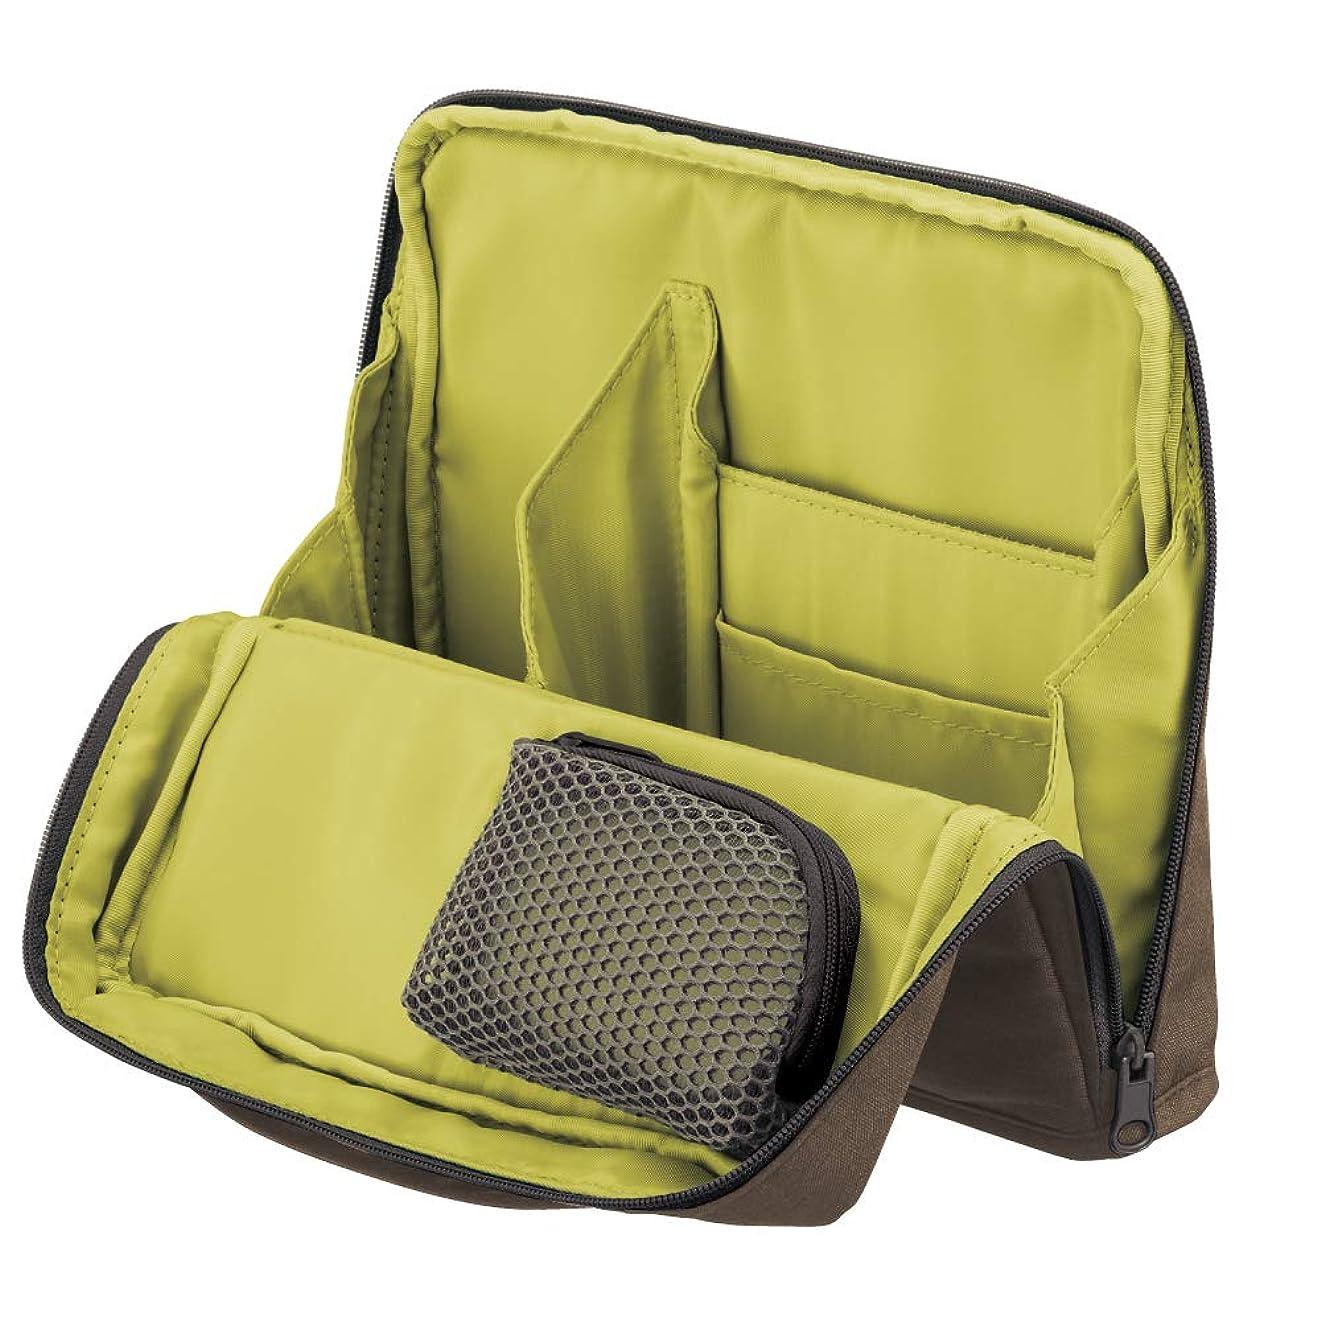 バース天気持続的APSOONSELL Felt Bag Organizer Bag in Bag Insert バッグインバッグ レディース フェルト 軽量 バックインバック フェルト 自立